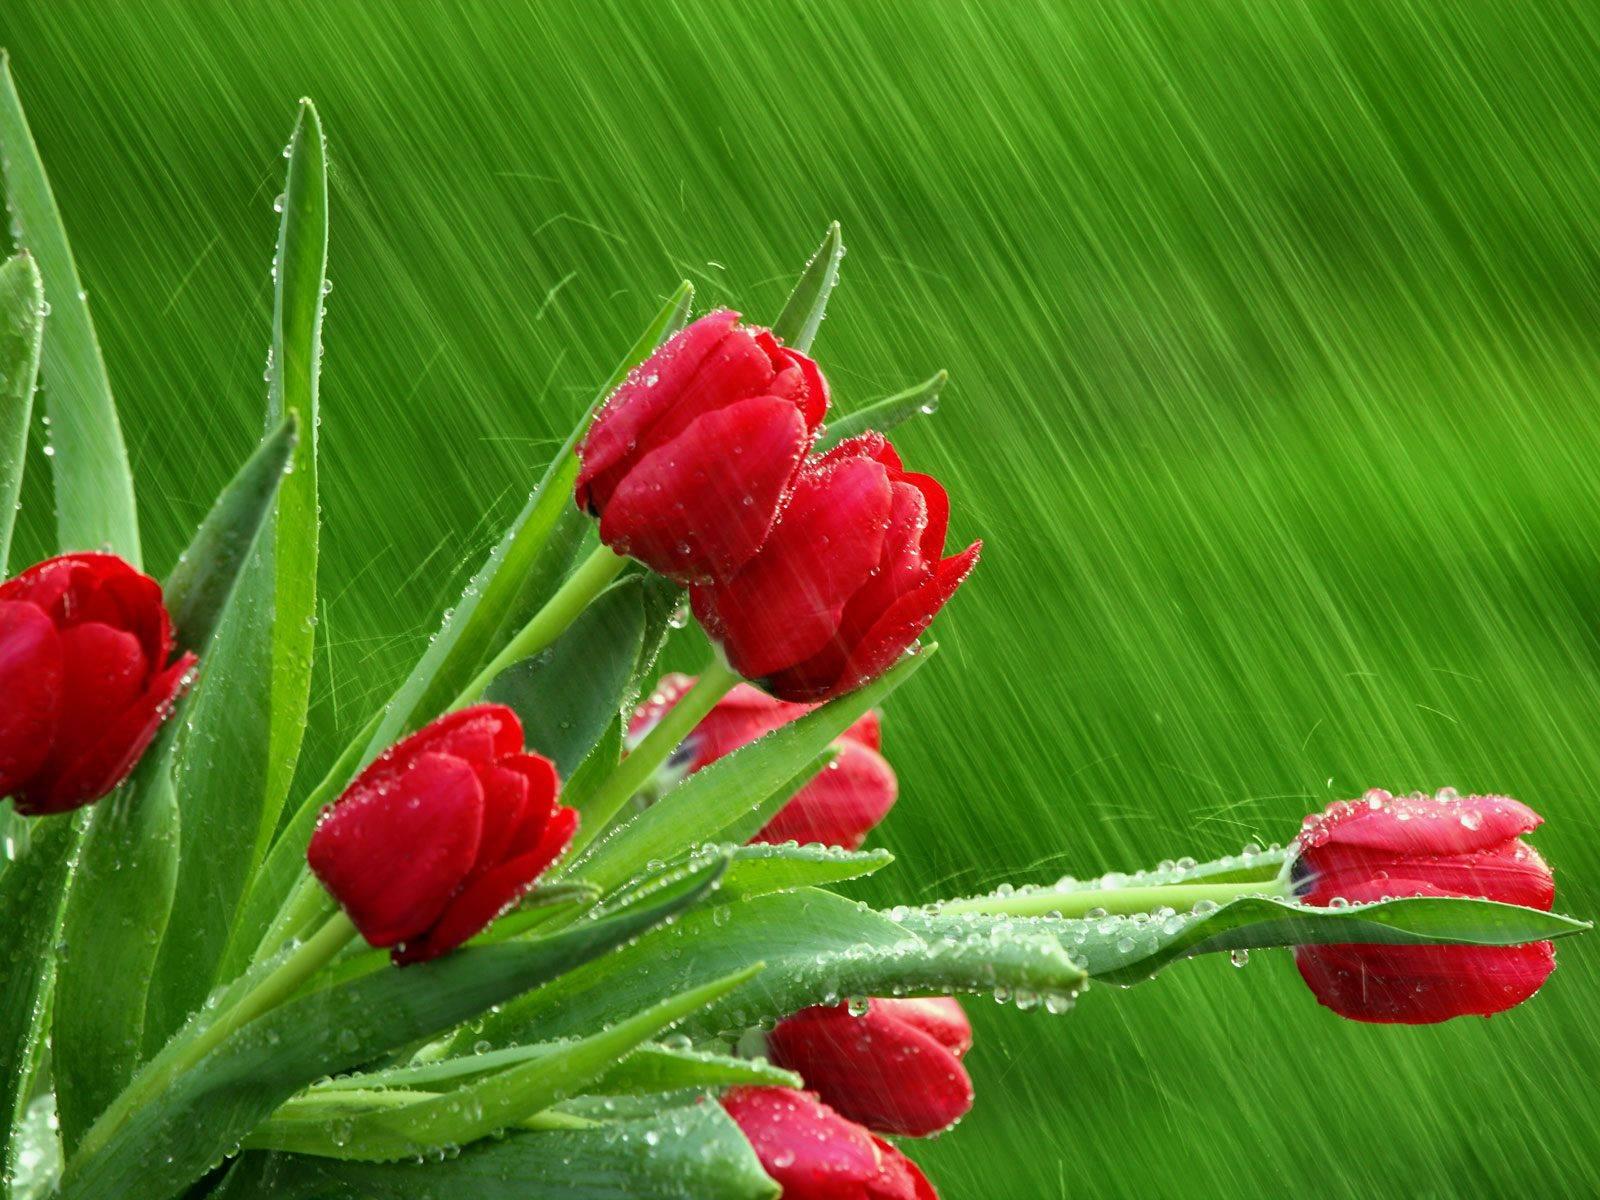 4月26日爱情运势:相遇良人,一往情深的四大星座  第1张